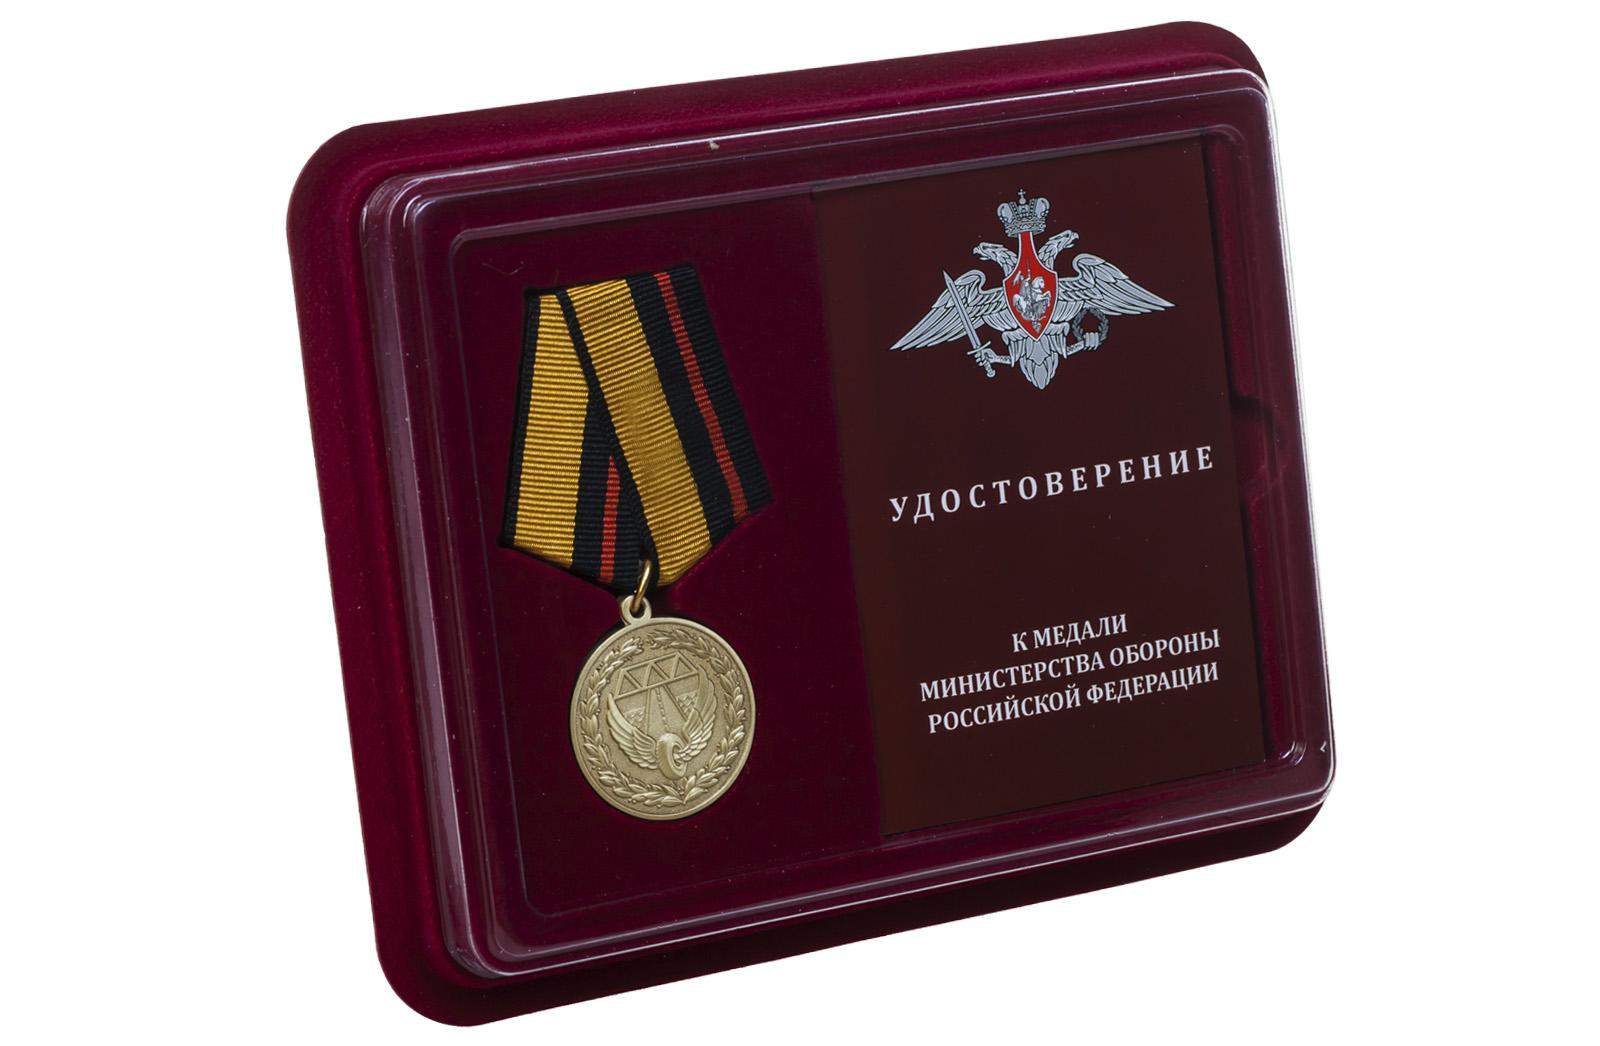 Юбилейная медаль 200 лет Дорожным войскам - в футляре с удостоверением